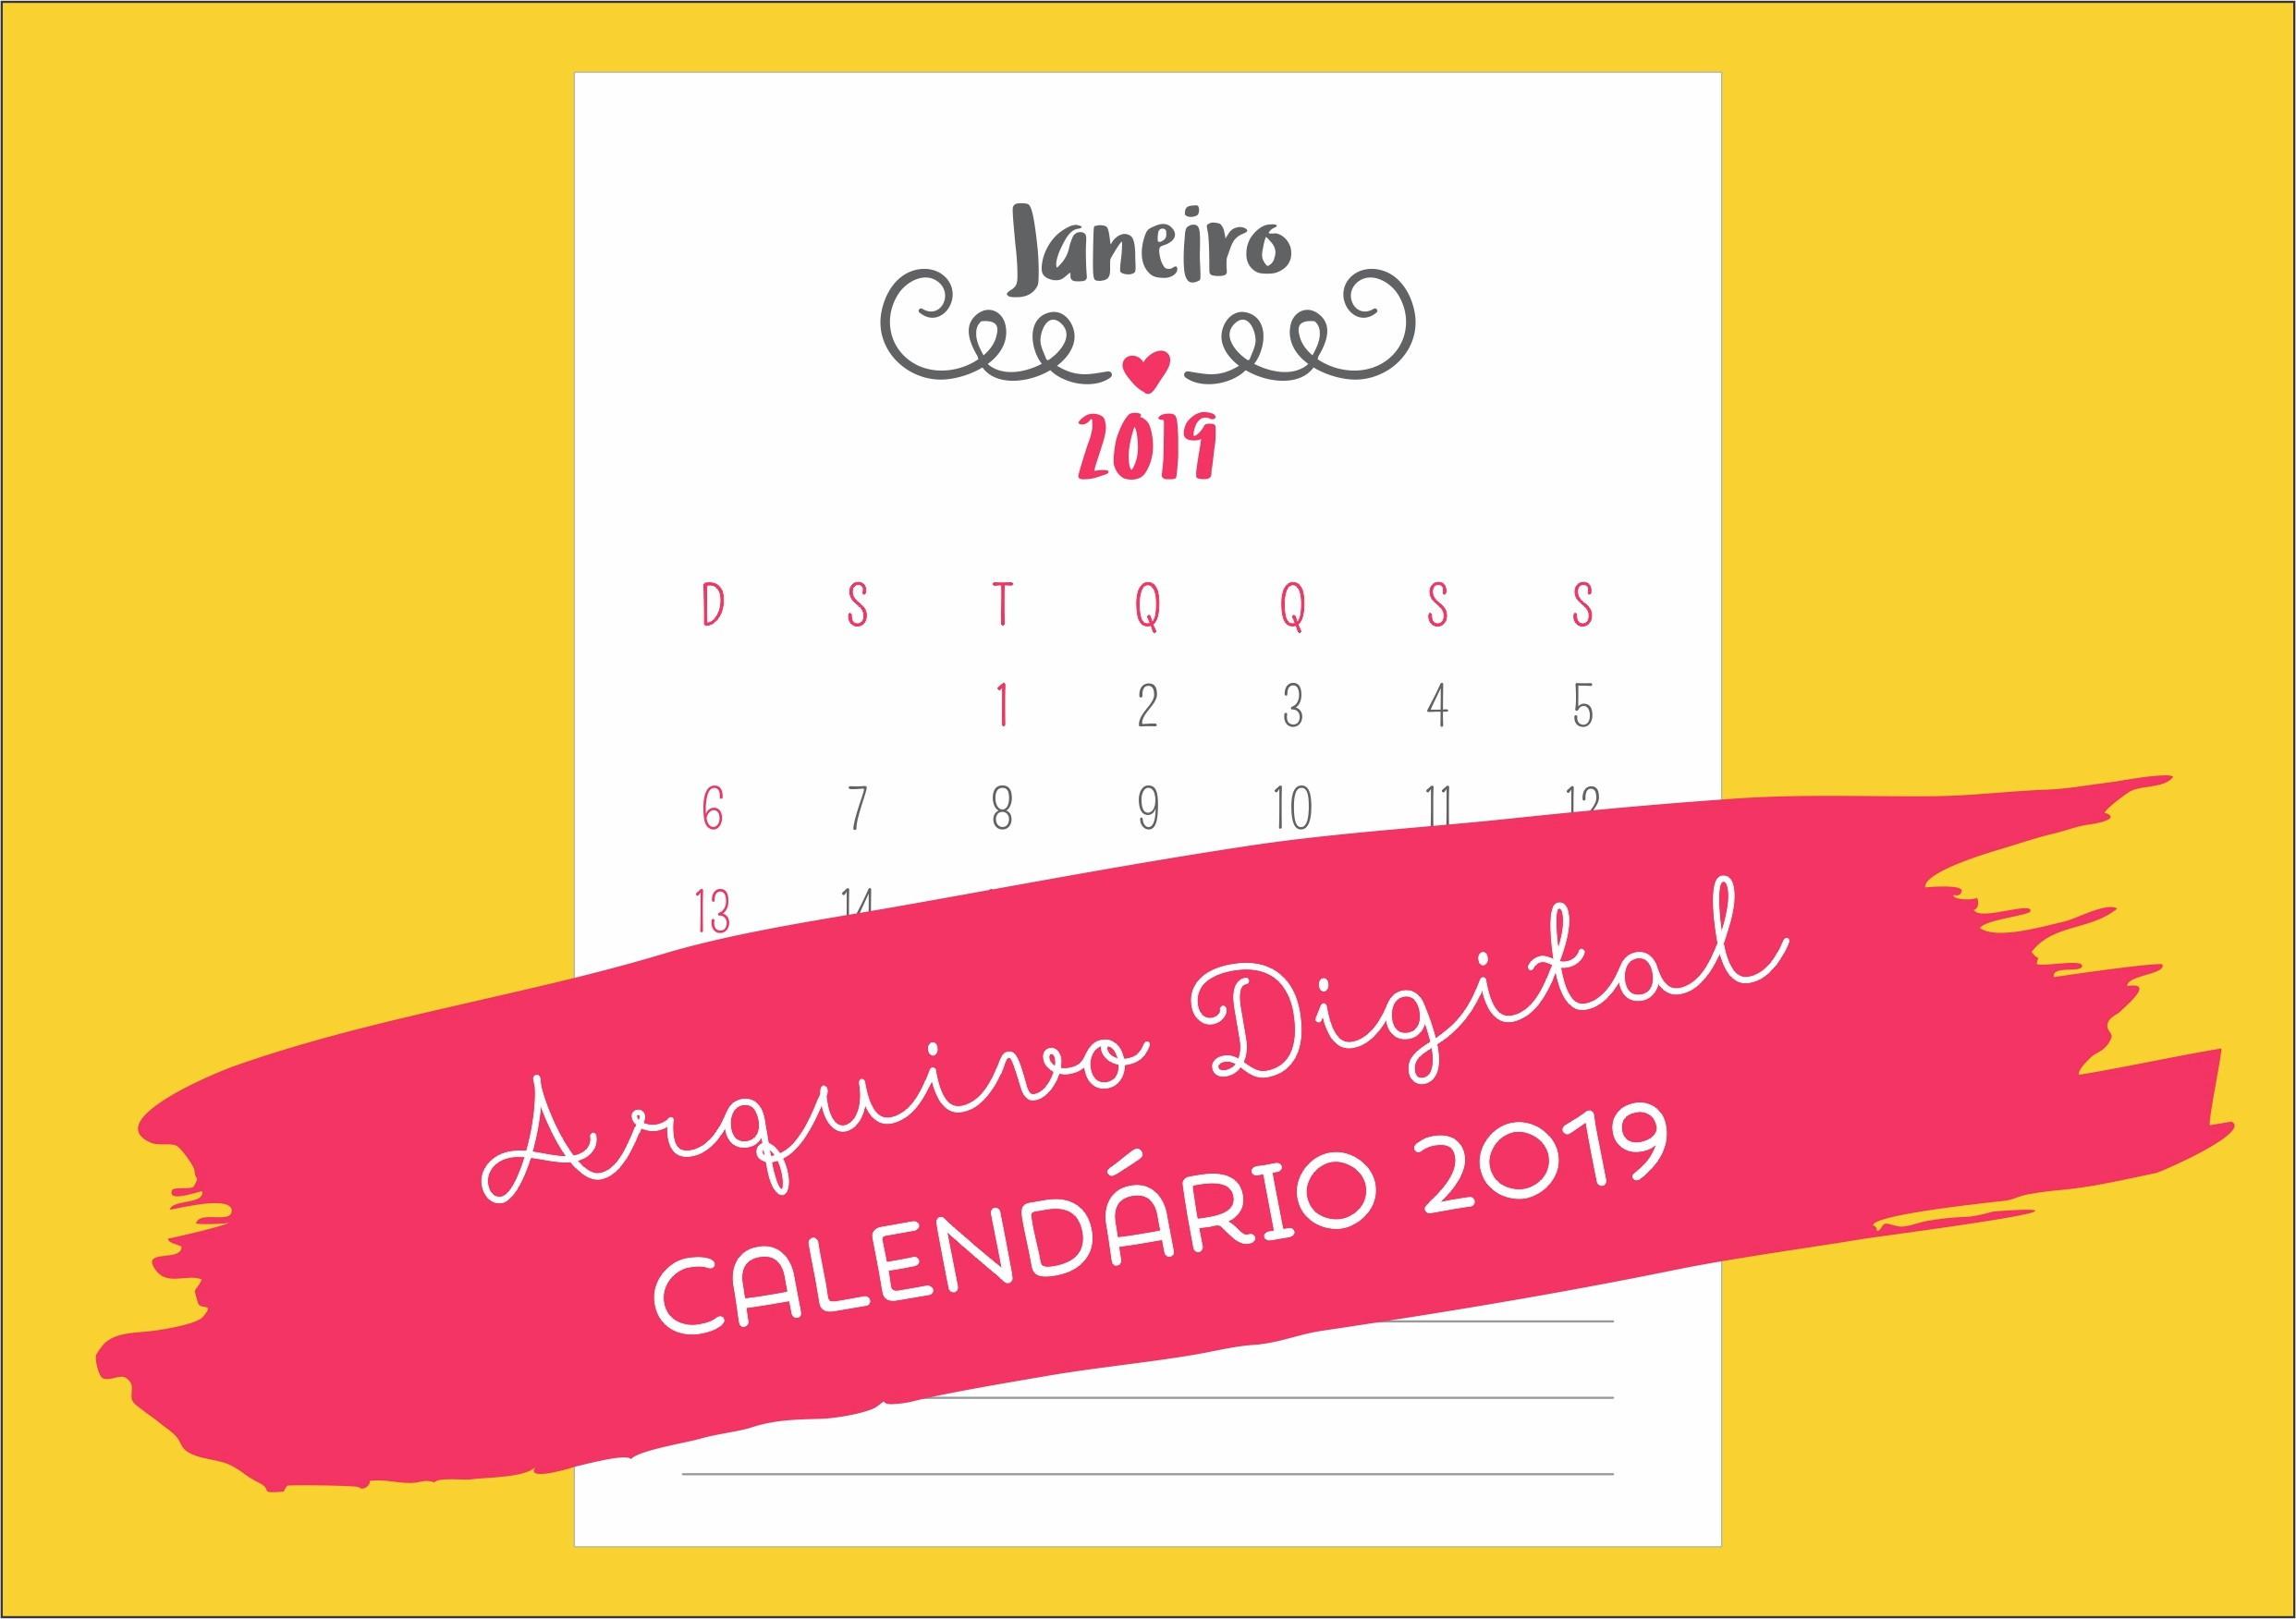 Calendario Semanal 2019 Para Imprimir Gratis Recientes Calendário 2019 Of Calendario Semanal 2019 Para Imprimir Gratis Actual Planificador Digital Ipad Con Fechas Goodnotes Notability